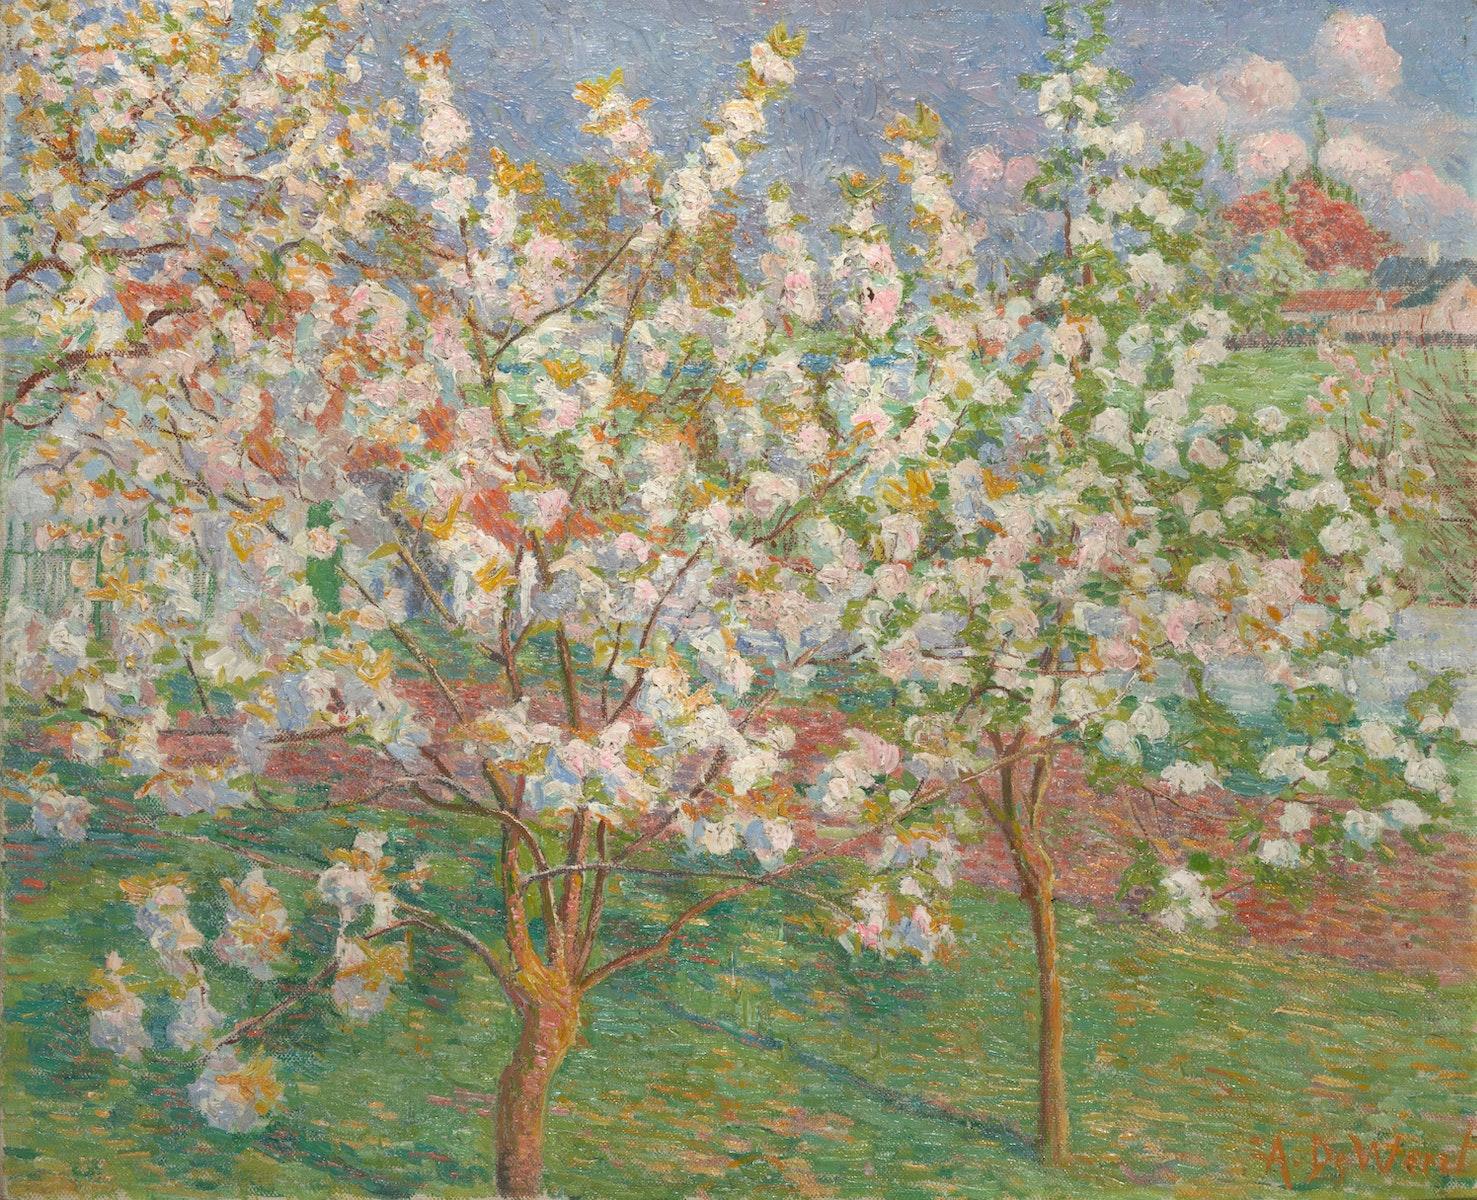 Anna De Weert, Latemse School, Belgische Kunst, Blossems, Afsnee, Impressionism